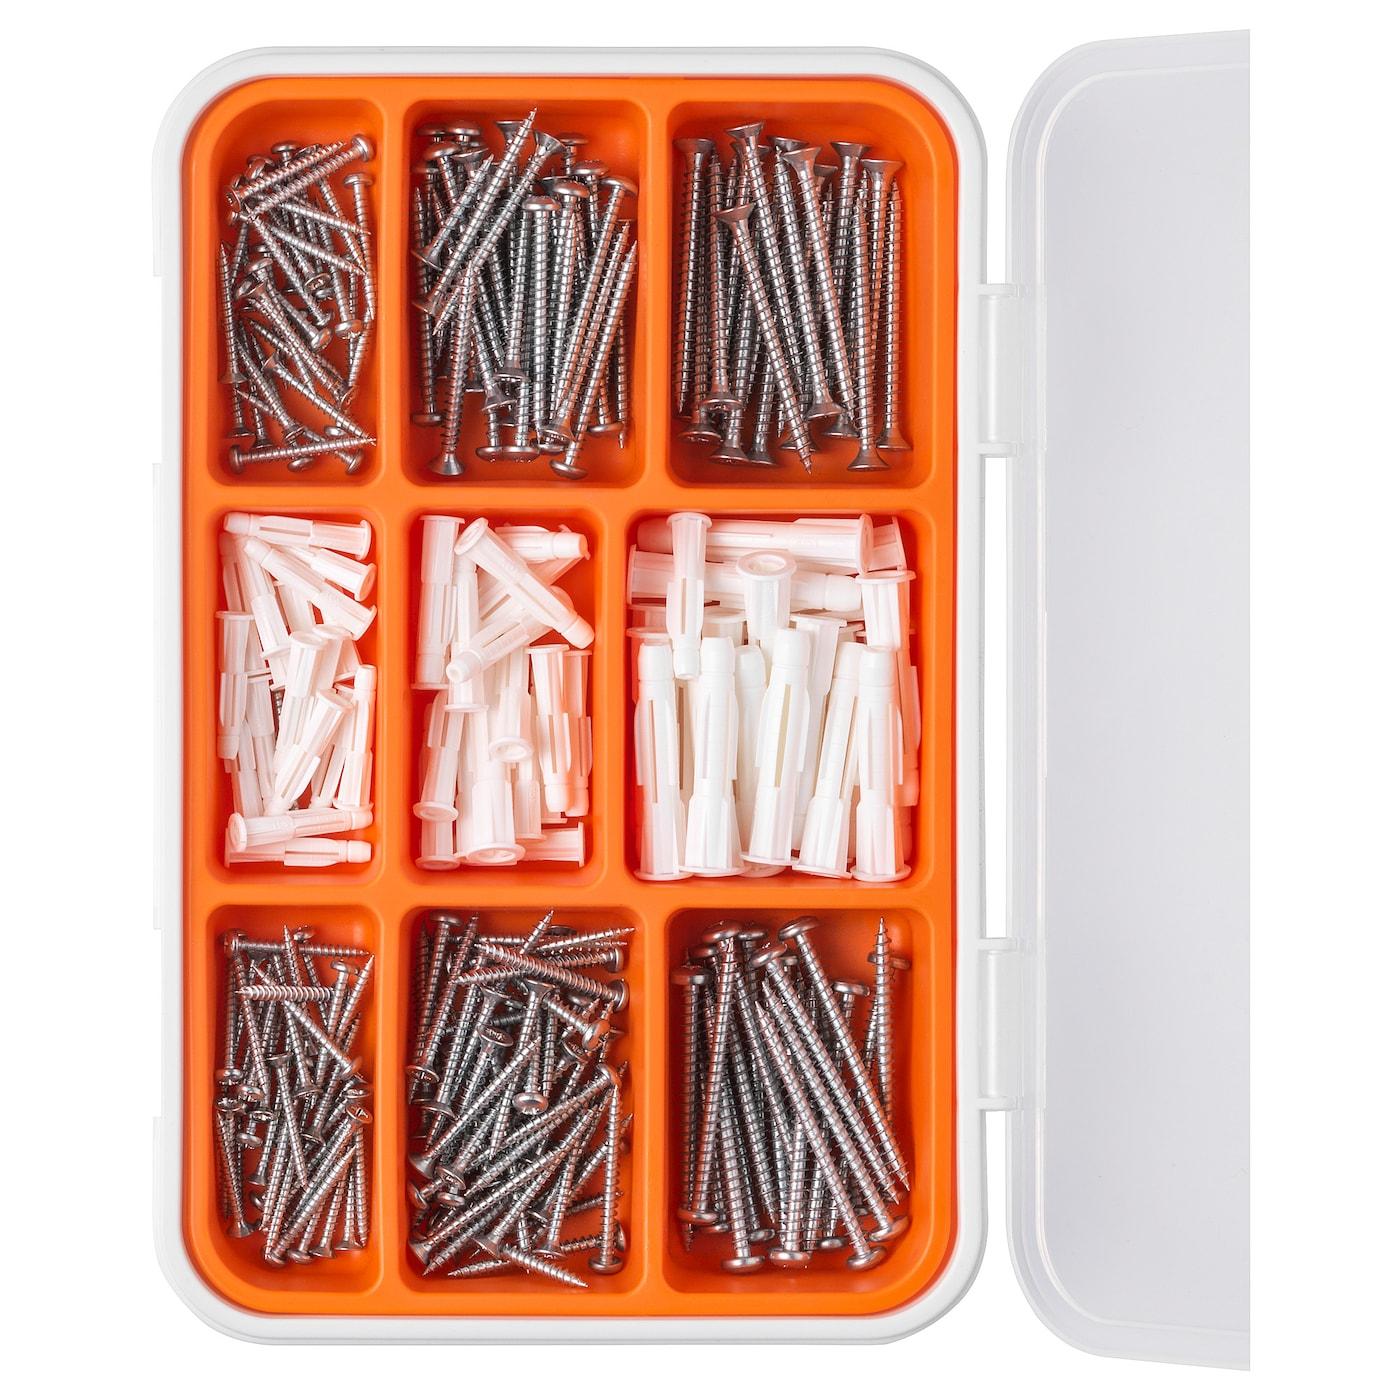 FIXA | Baumarkt > Werkzeug > Werkzeug-Sets | IKEA